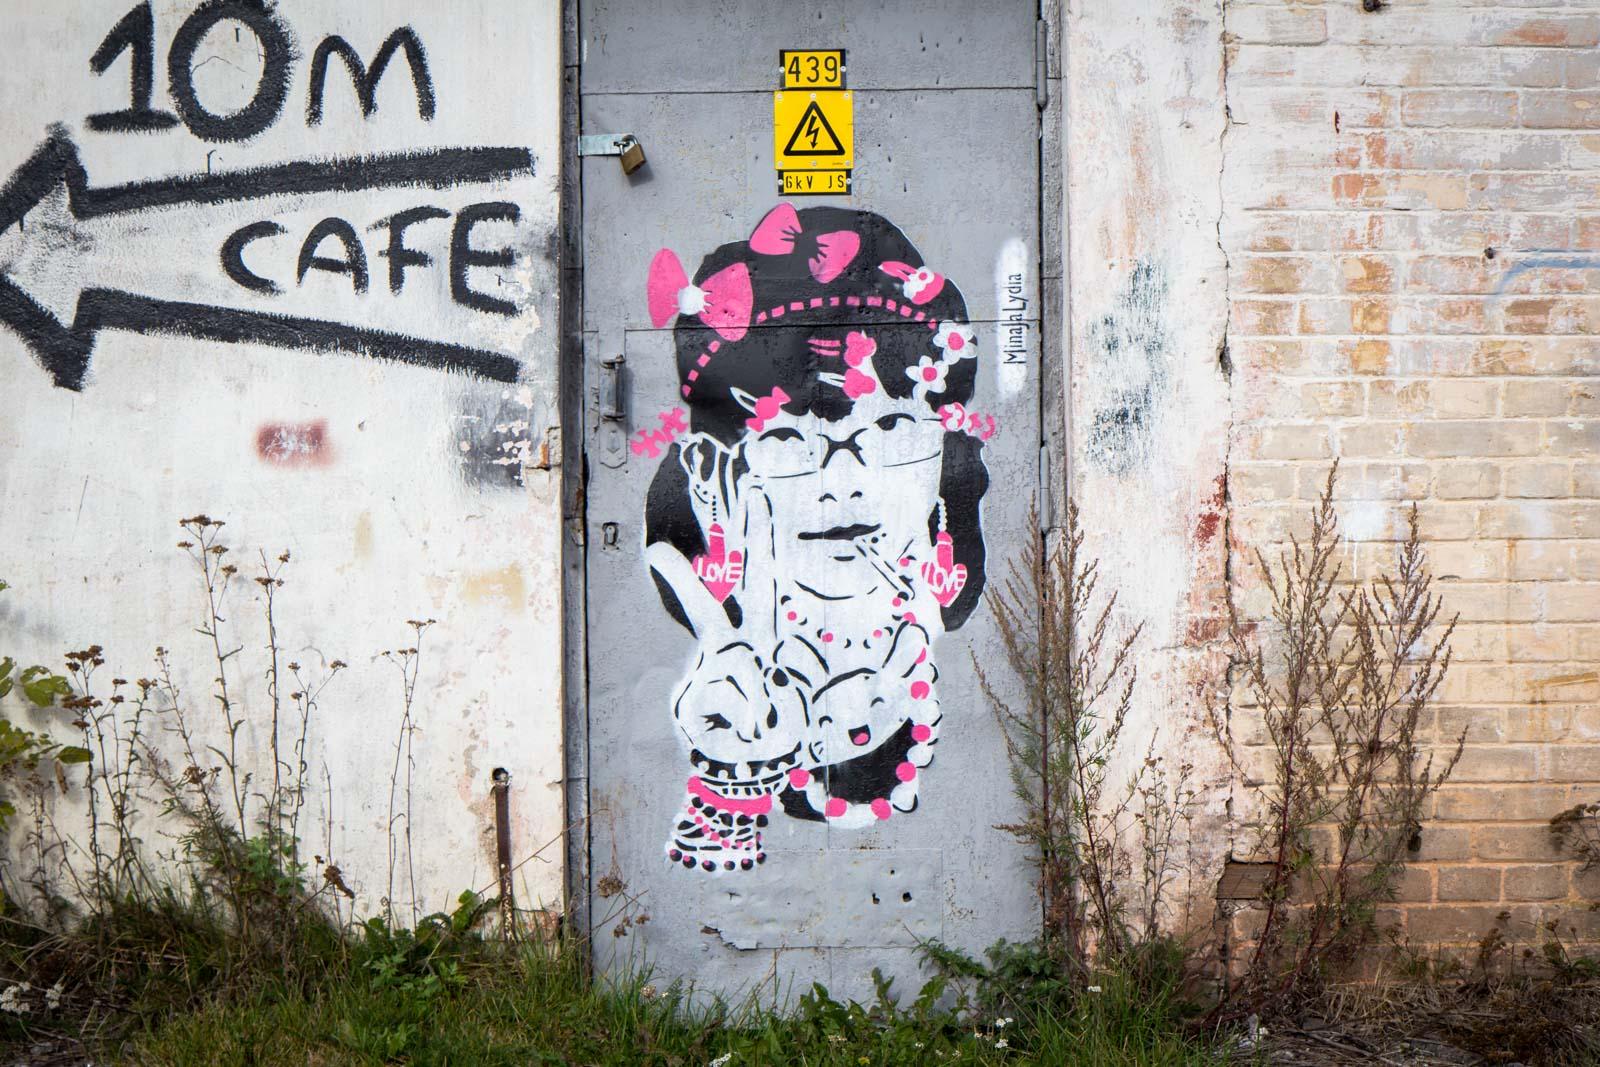 Art at Patarei Prison, Tallinn, Estonia